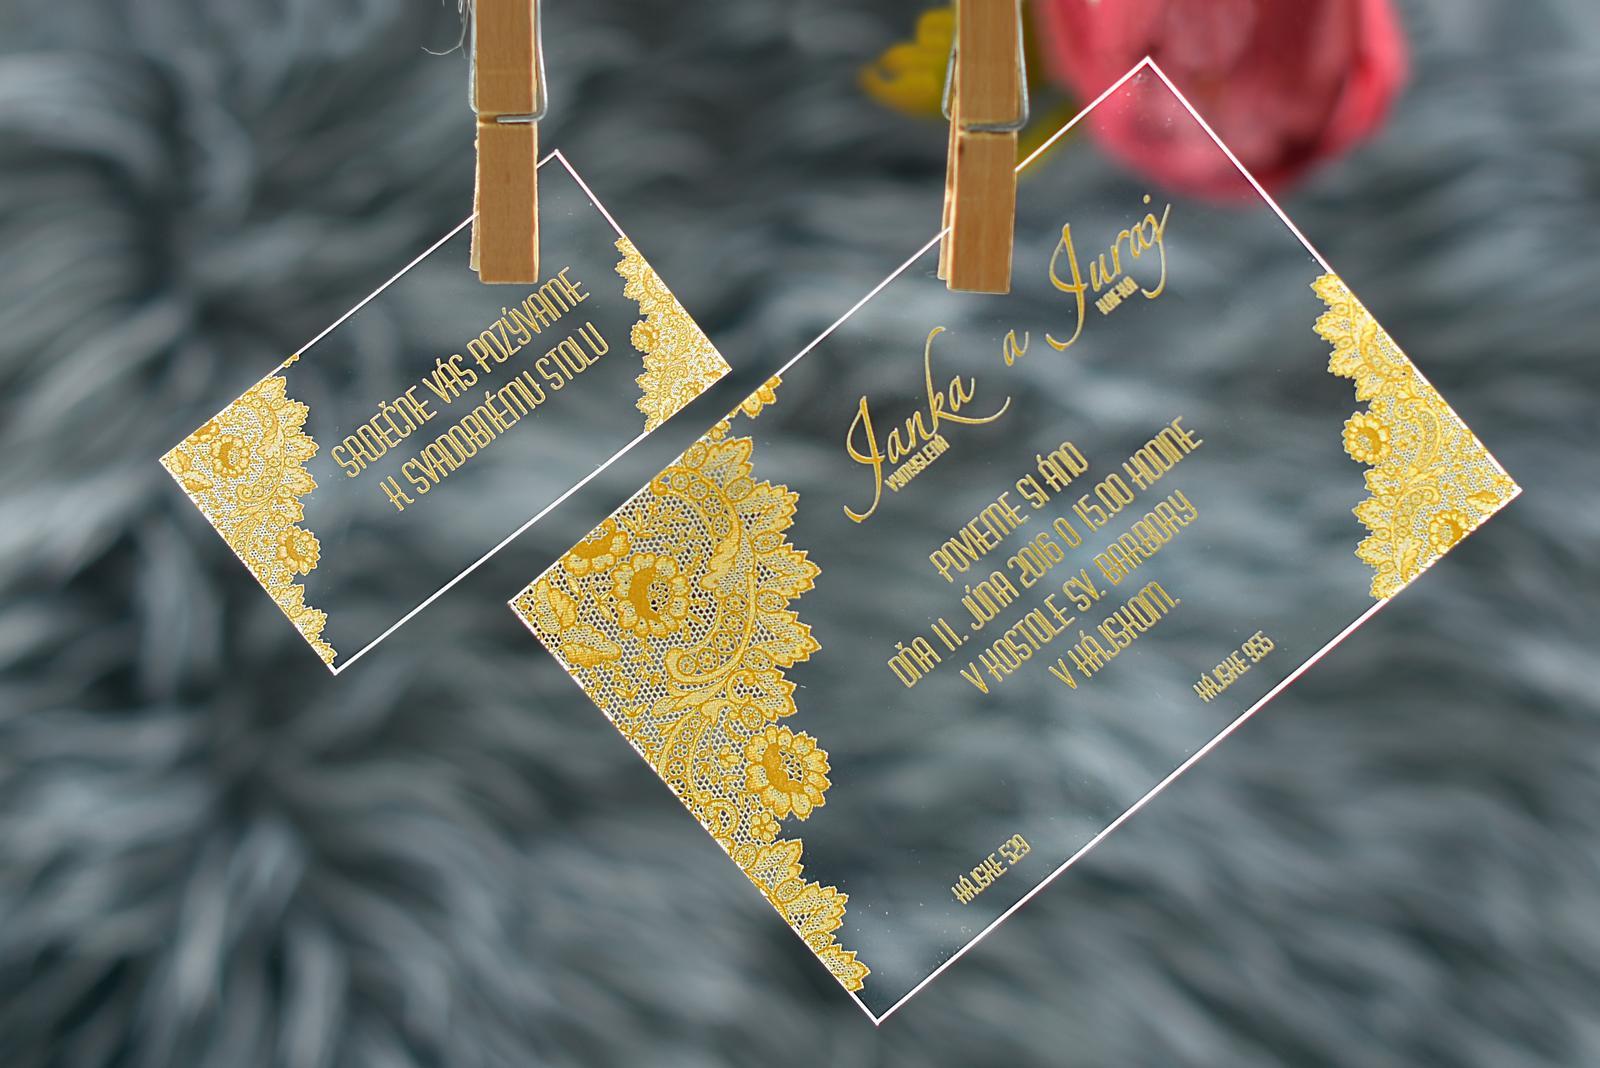 Transparentné svadobné oznámenia - Obrázok č. 3